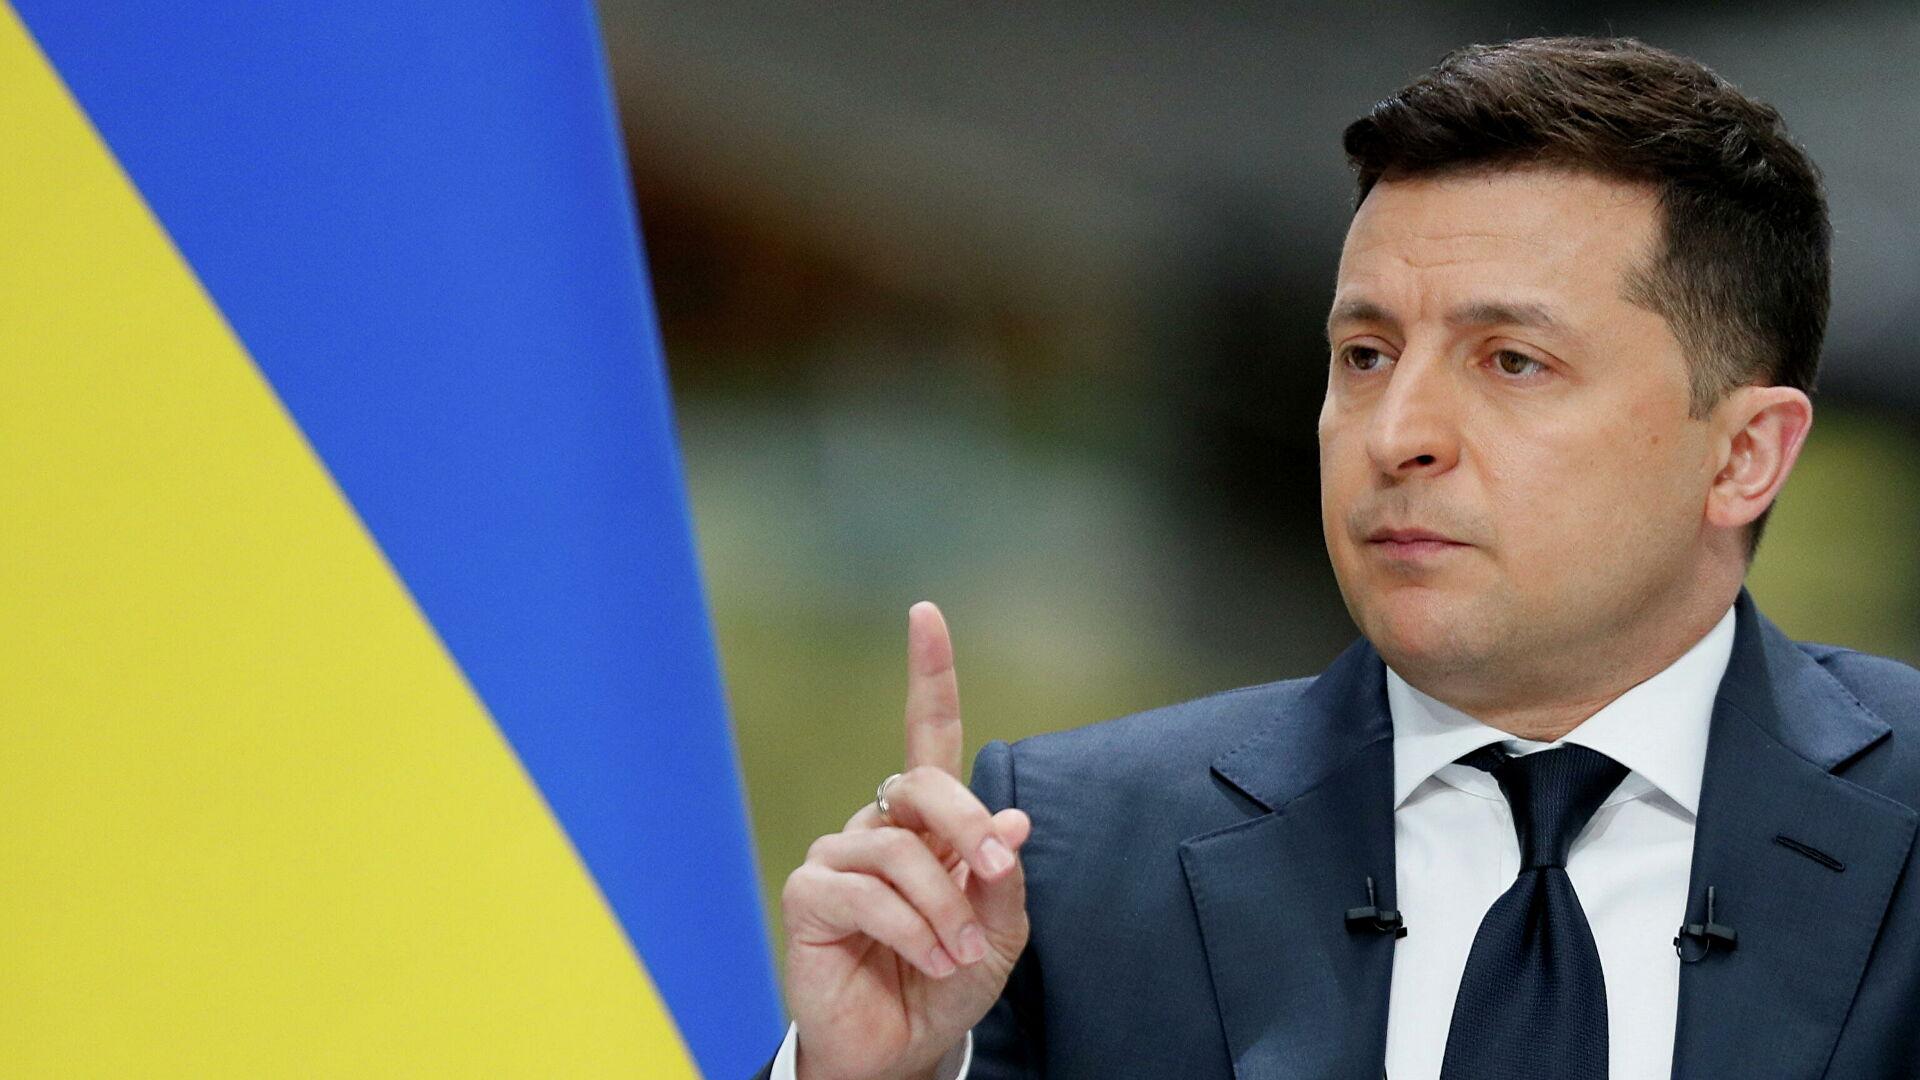 Зеленский обсудил с главой Еврокомиссии ситуацию в Донбассе